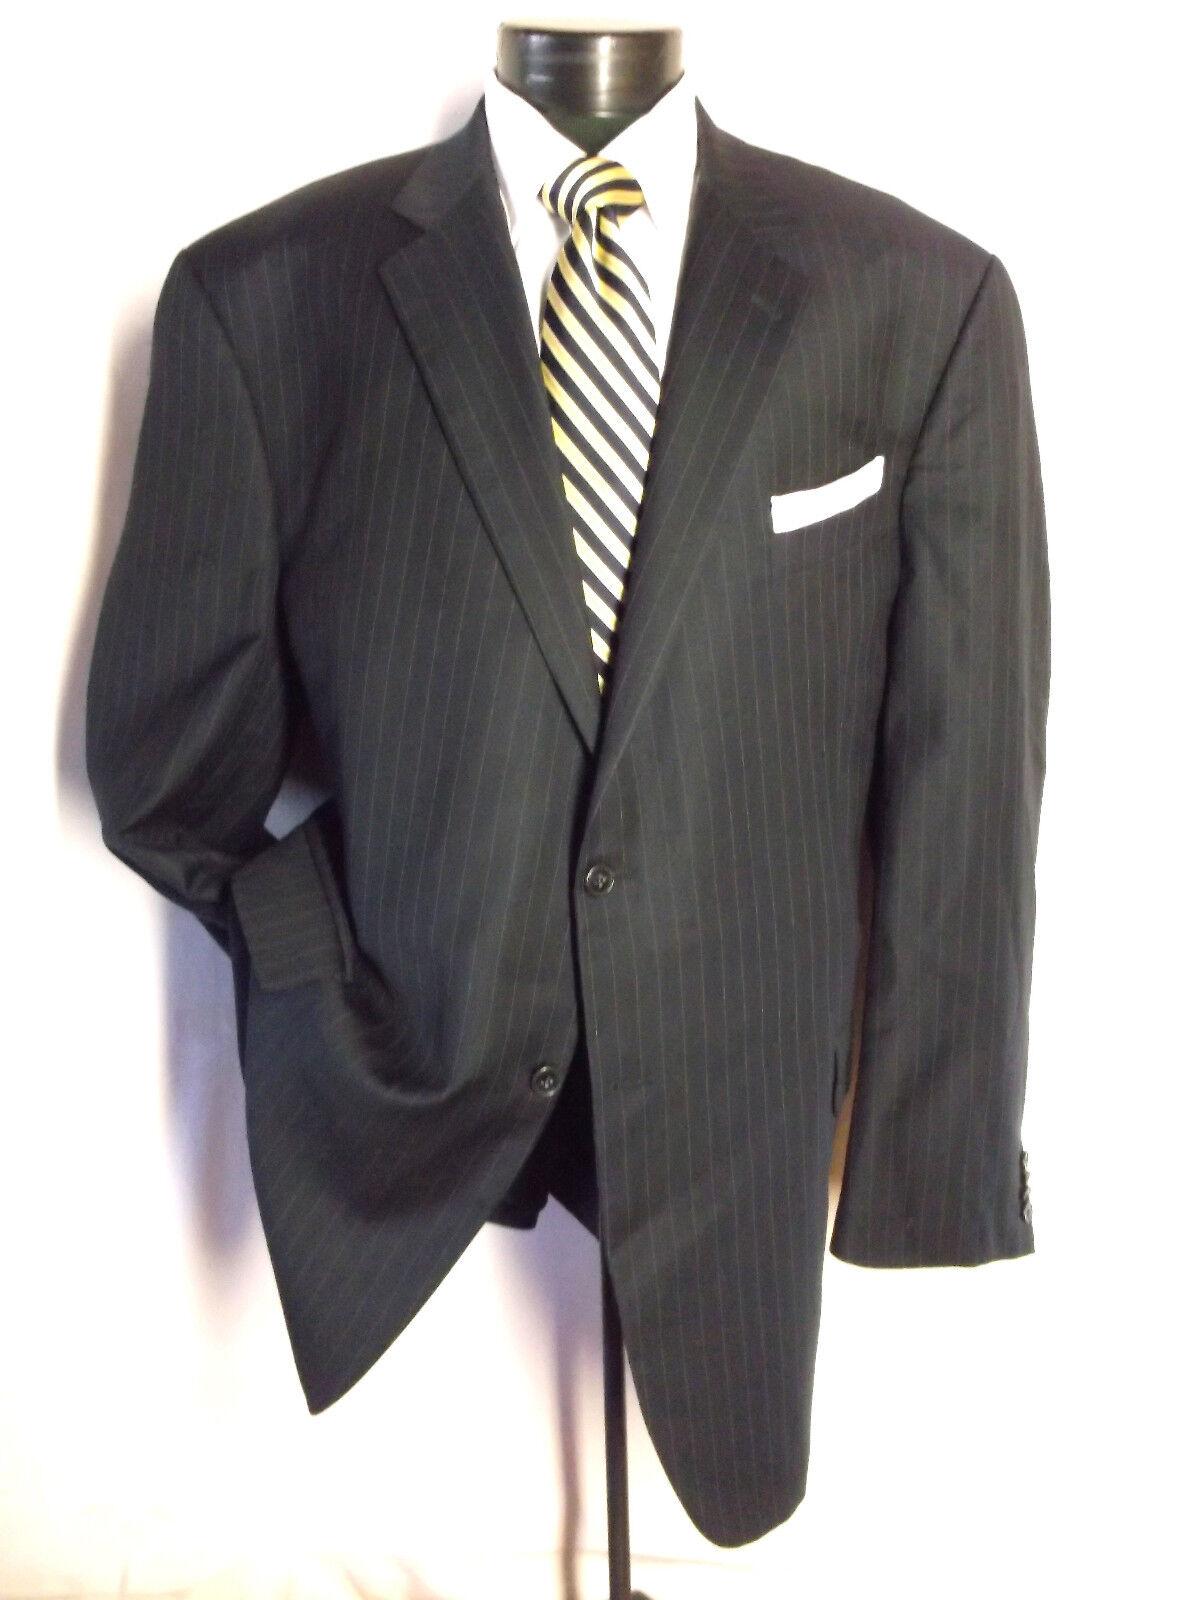 Joseph Abboud 2PC Suit Navy bluee Striped 3 Button 46L Pants 44  x 28